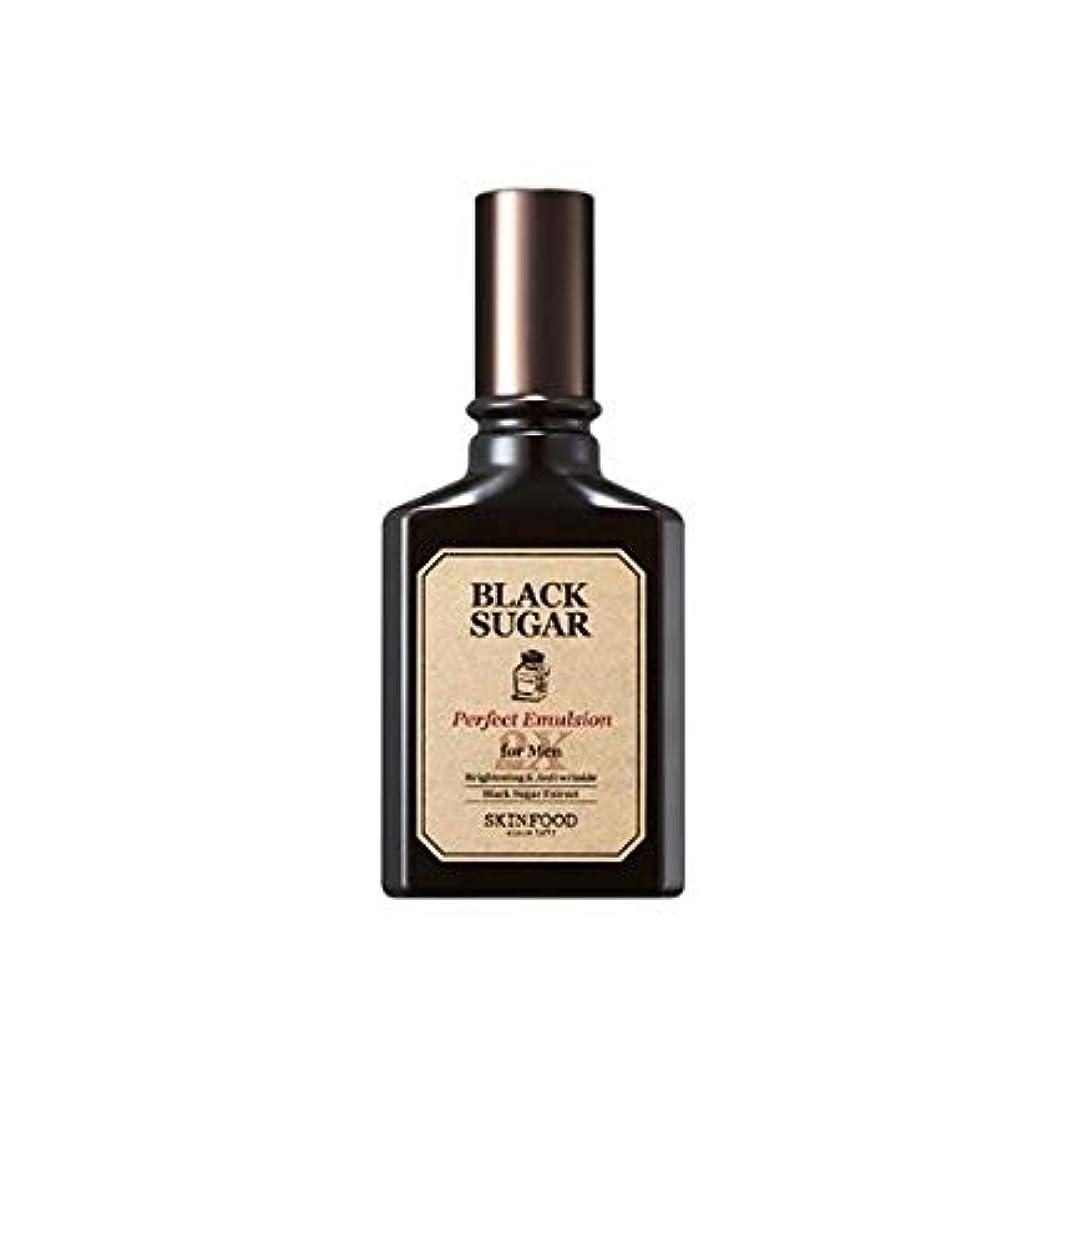 拍手洞察力水素Skinfood 男性用ブラックシュガーパーフェクトエマルジョン2X / Black Sugar Perfect Emulsion 2X for Men 150ml [並行輸入品]